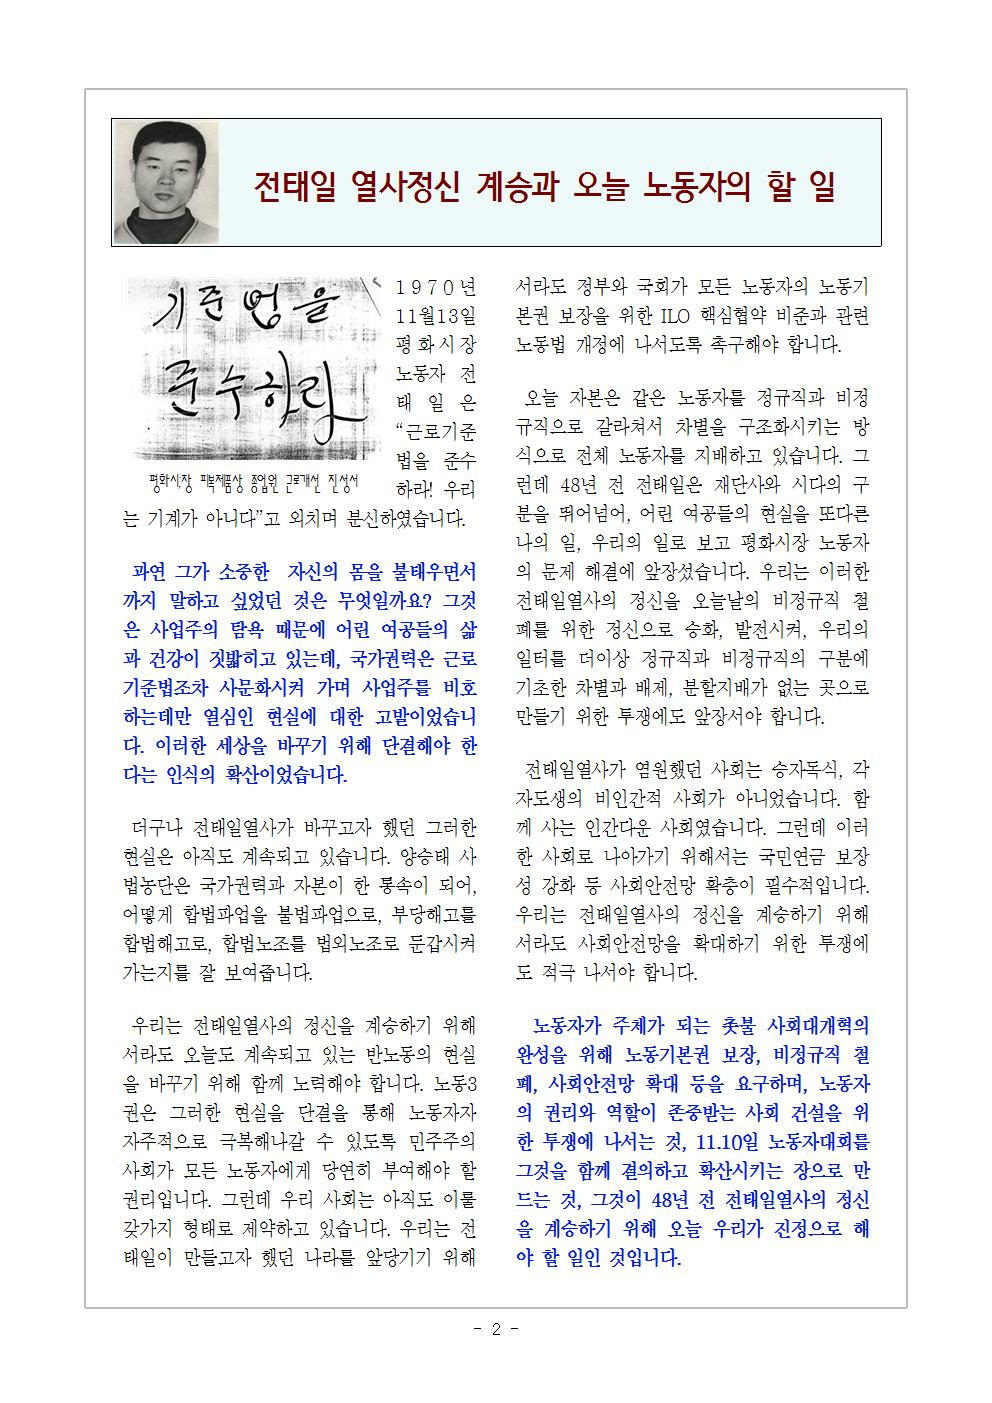 [2018 교육지-11] 11.10 전국노동자대회002.png